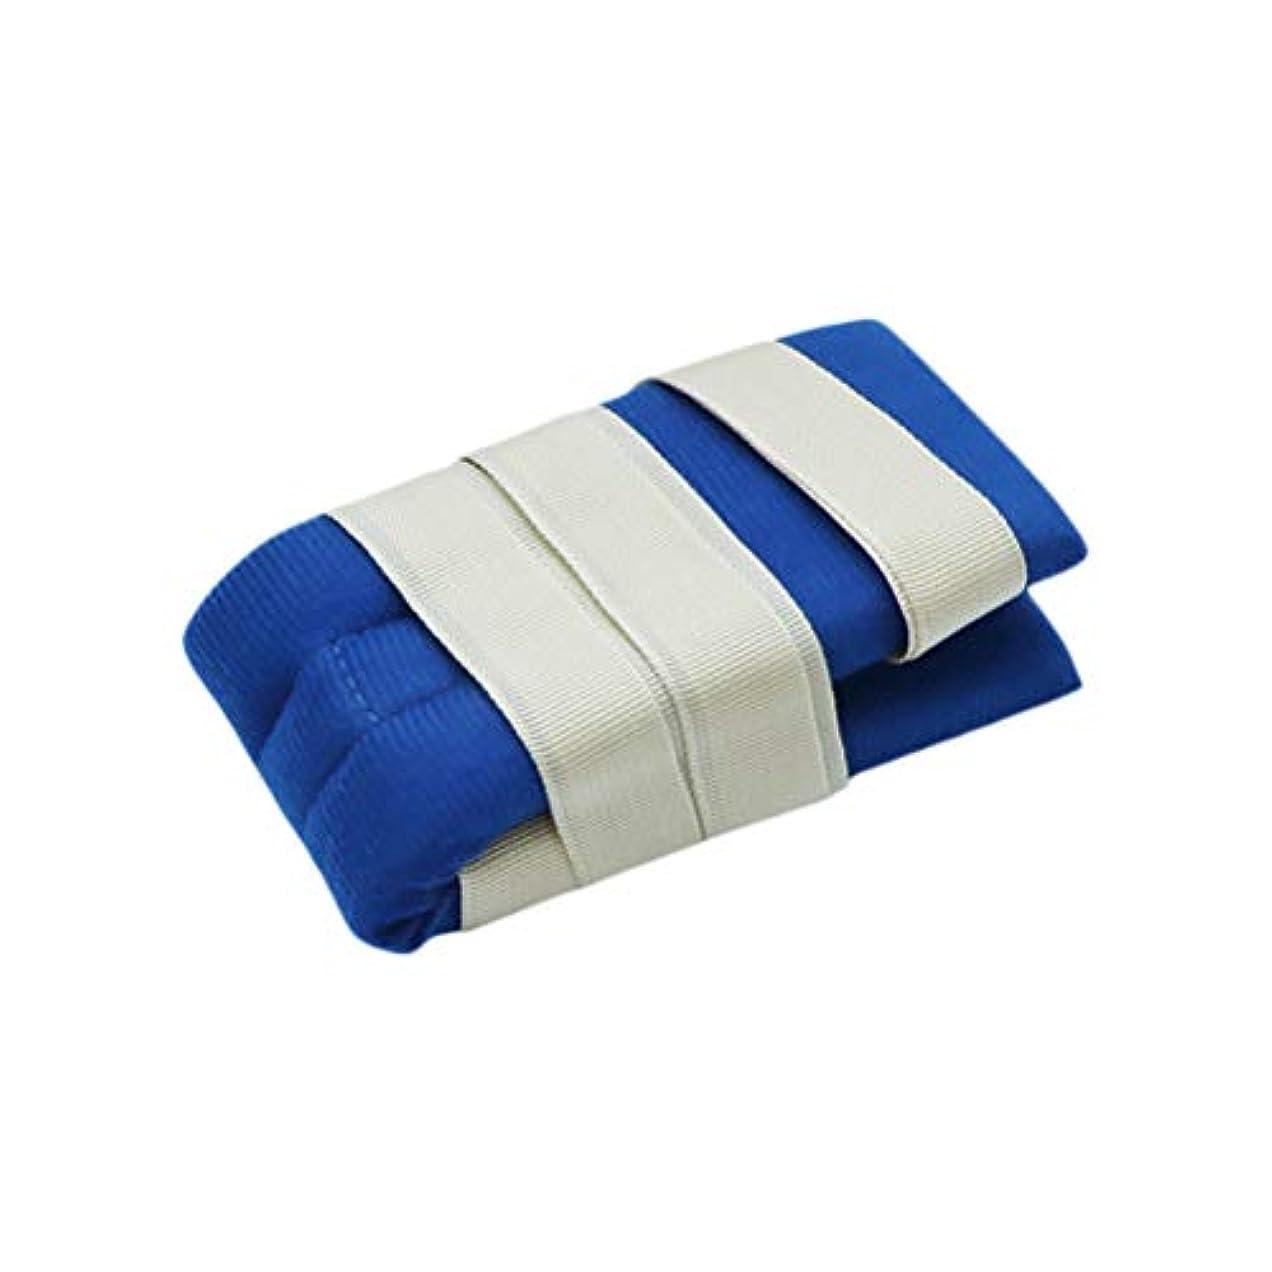 宮殿気づくなる中間手または足のための柔らかい医学の制限の革紐バンド病院用ベッドの肢のホールダー患者のための普遍的な抑制制御クイックリリースバンド